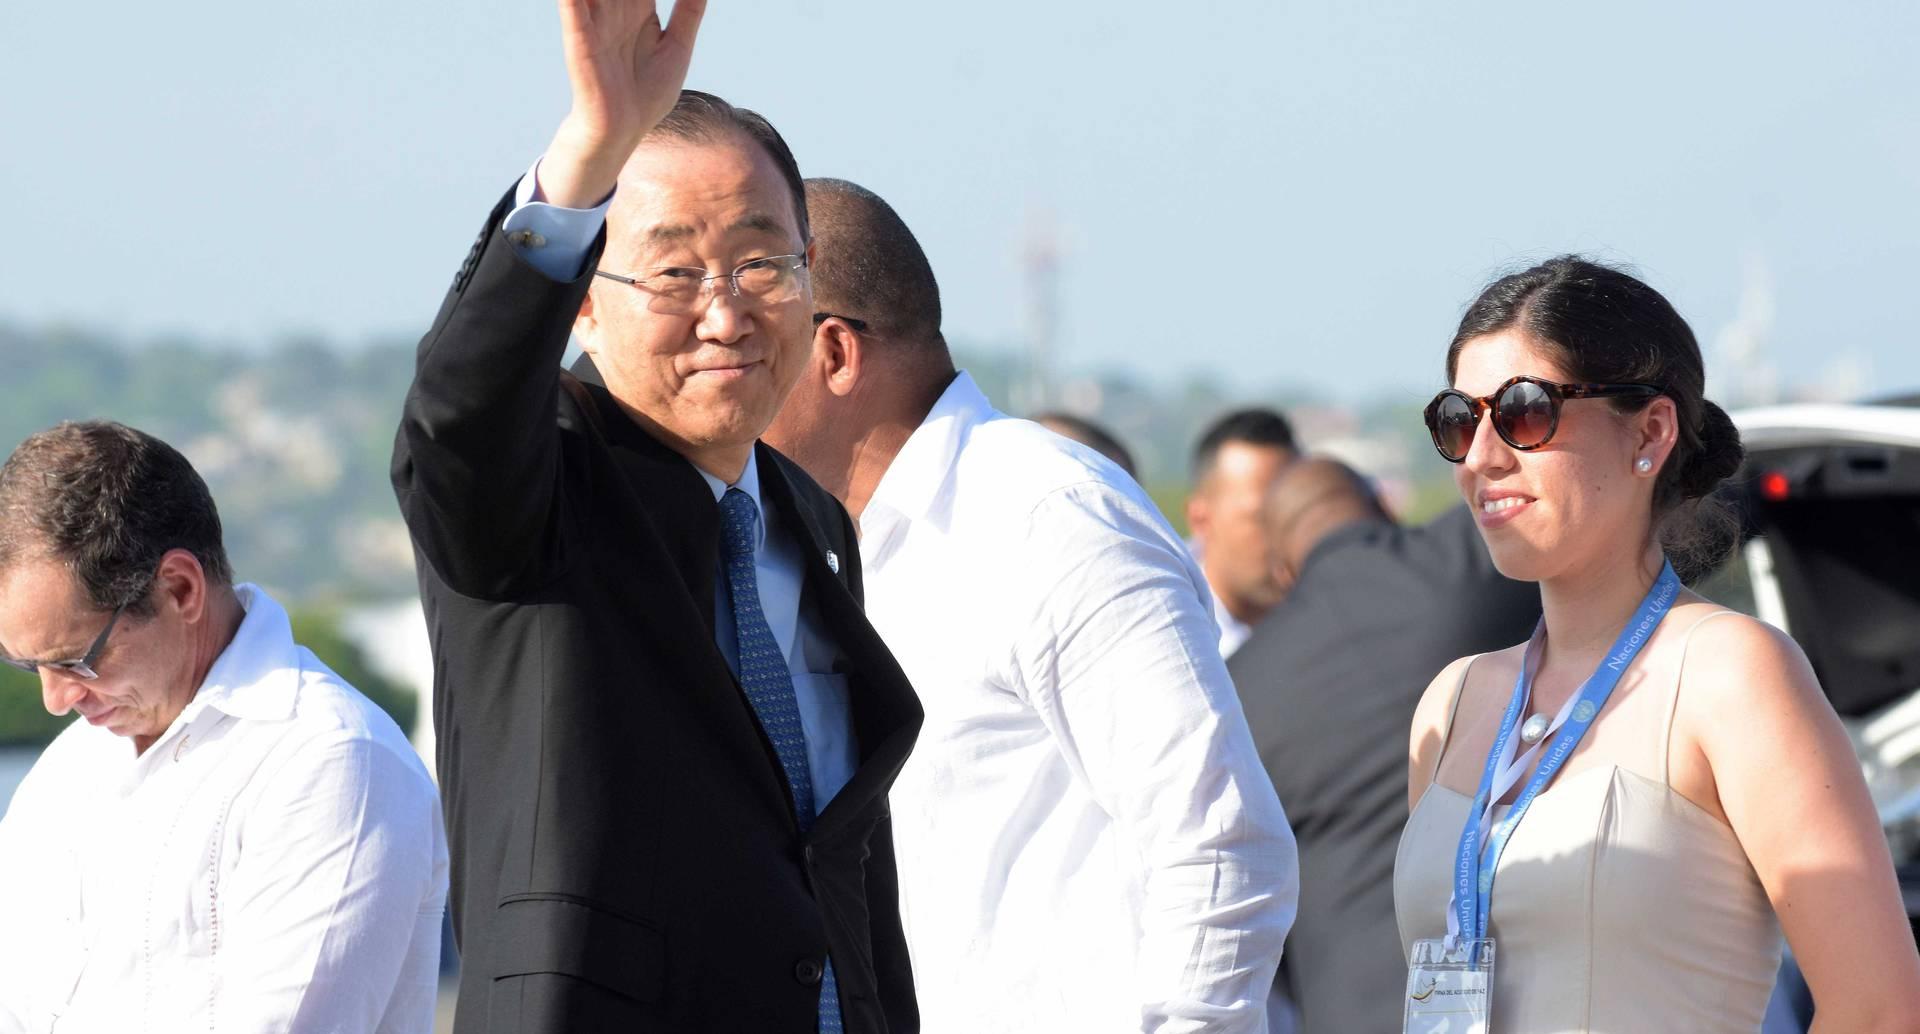 """El secretario General de la ONU, Ban Ki-moon, quien desde que recibió el acuerdo definitivo aseguró que """"La paz es una gran victoria para Colombia"""". Su apoyo no termina con esta firma, se extiende en el posconflicto. Crédito/Presidencia de la República."""